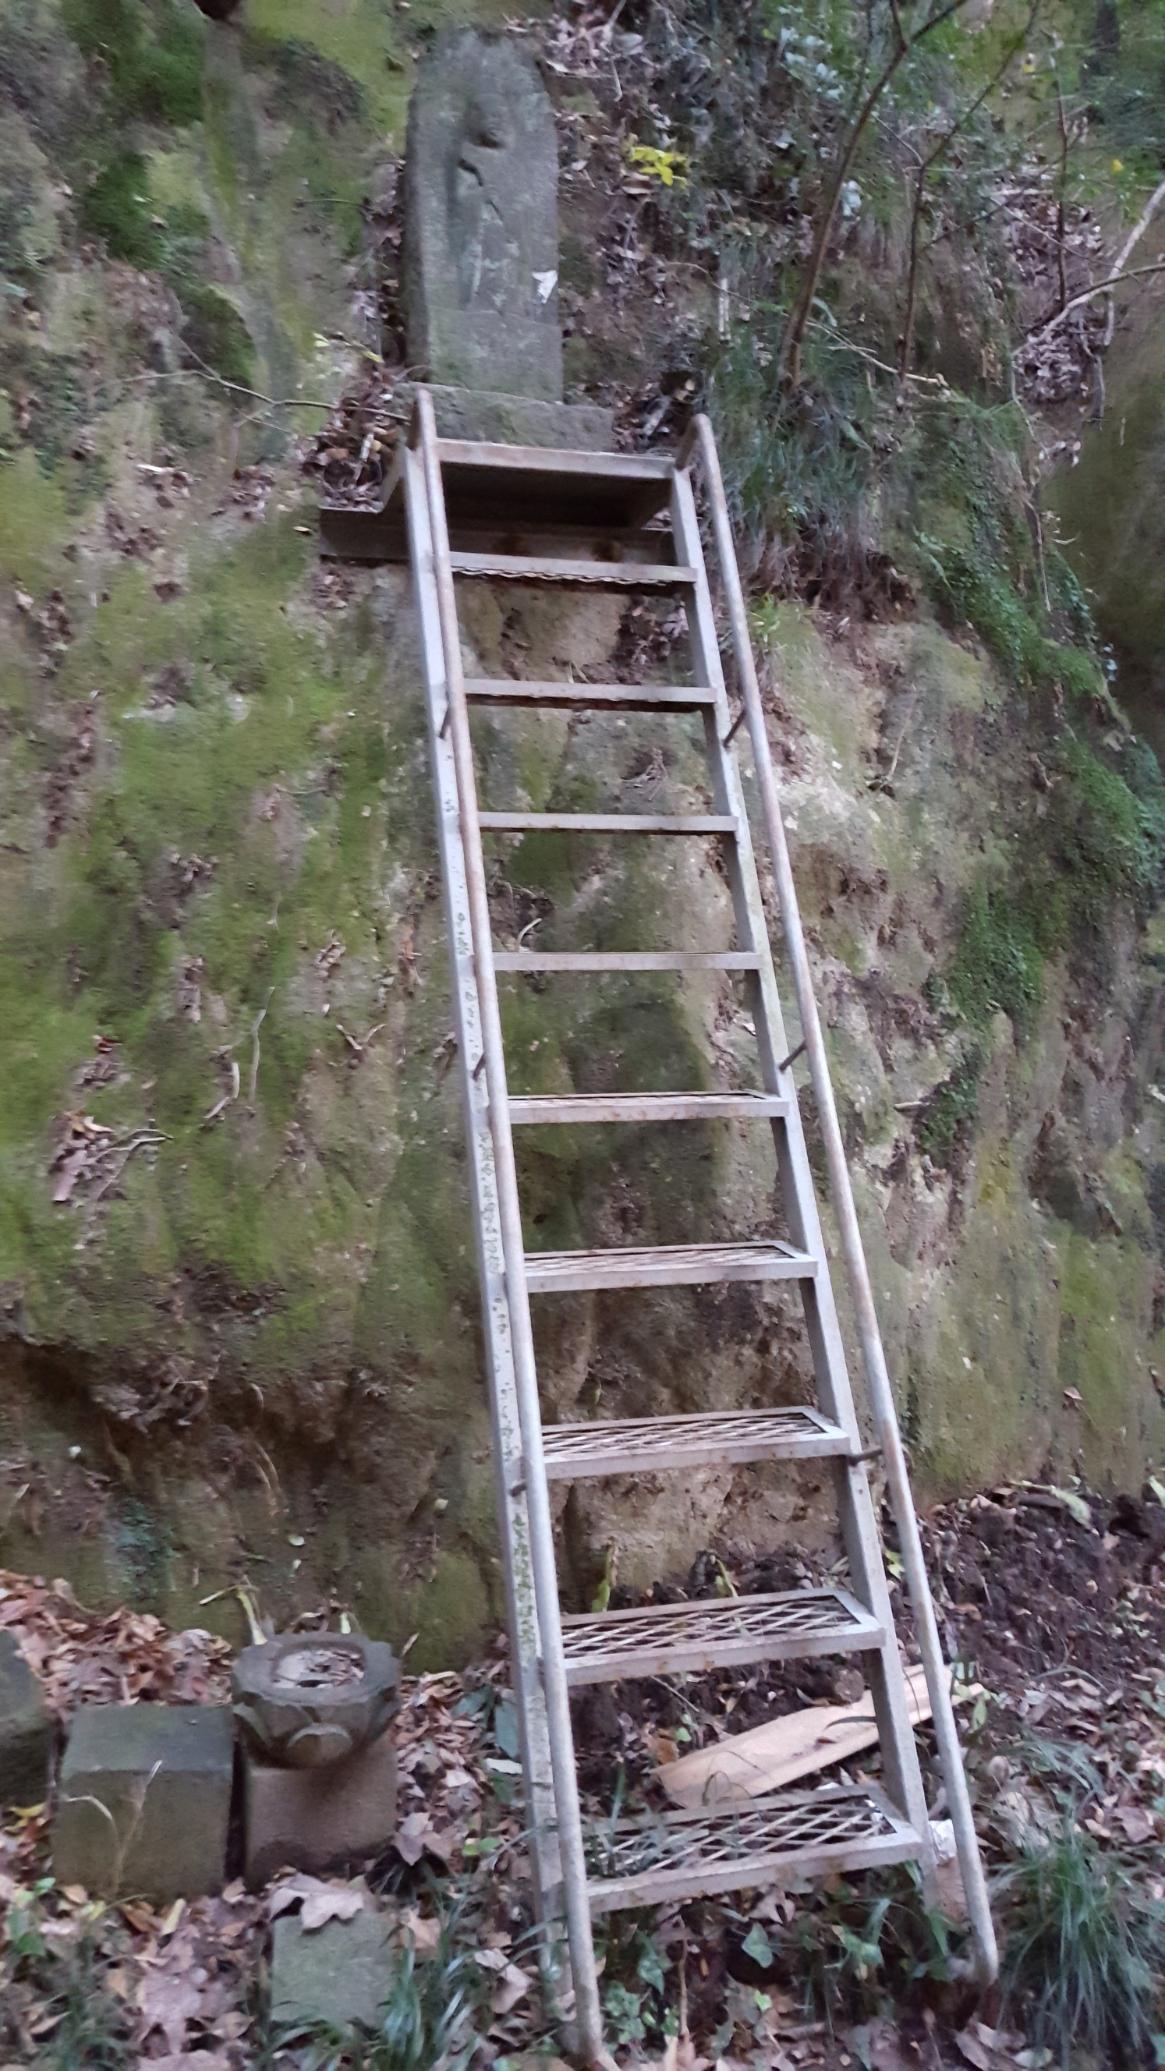 他にも、何故鉄梯子が置かれているのかは不明ですが、恐らく江戸時代頃の作と思われる石仏が崖に安置されておりました。